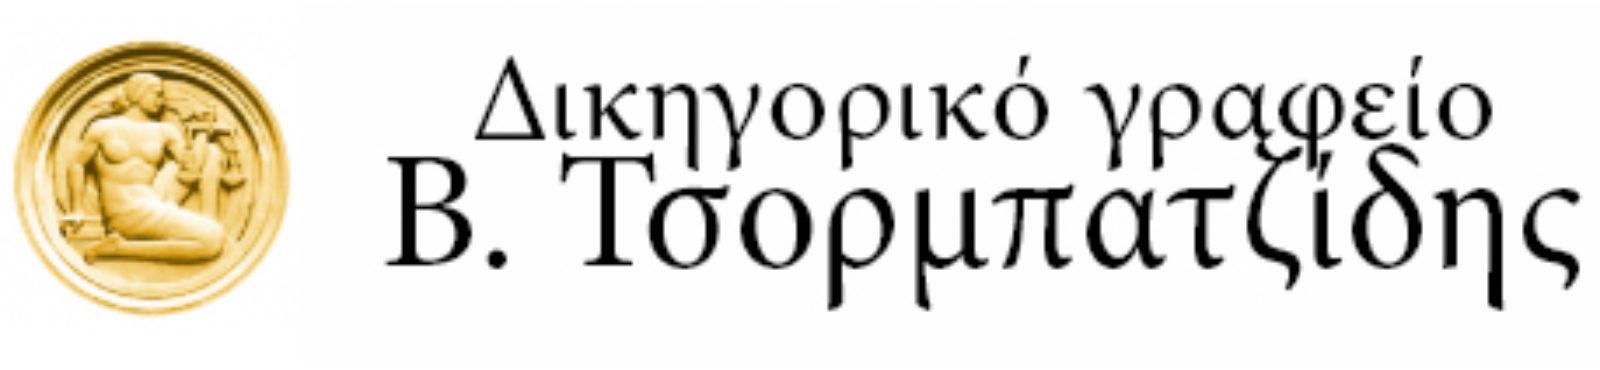 Δικηγορικό Γραφείο Β. Τσορμπατζίδης